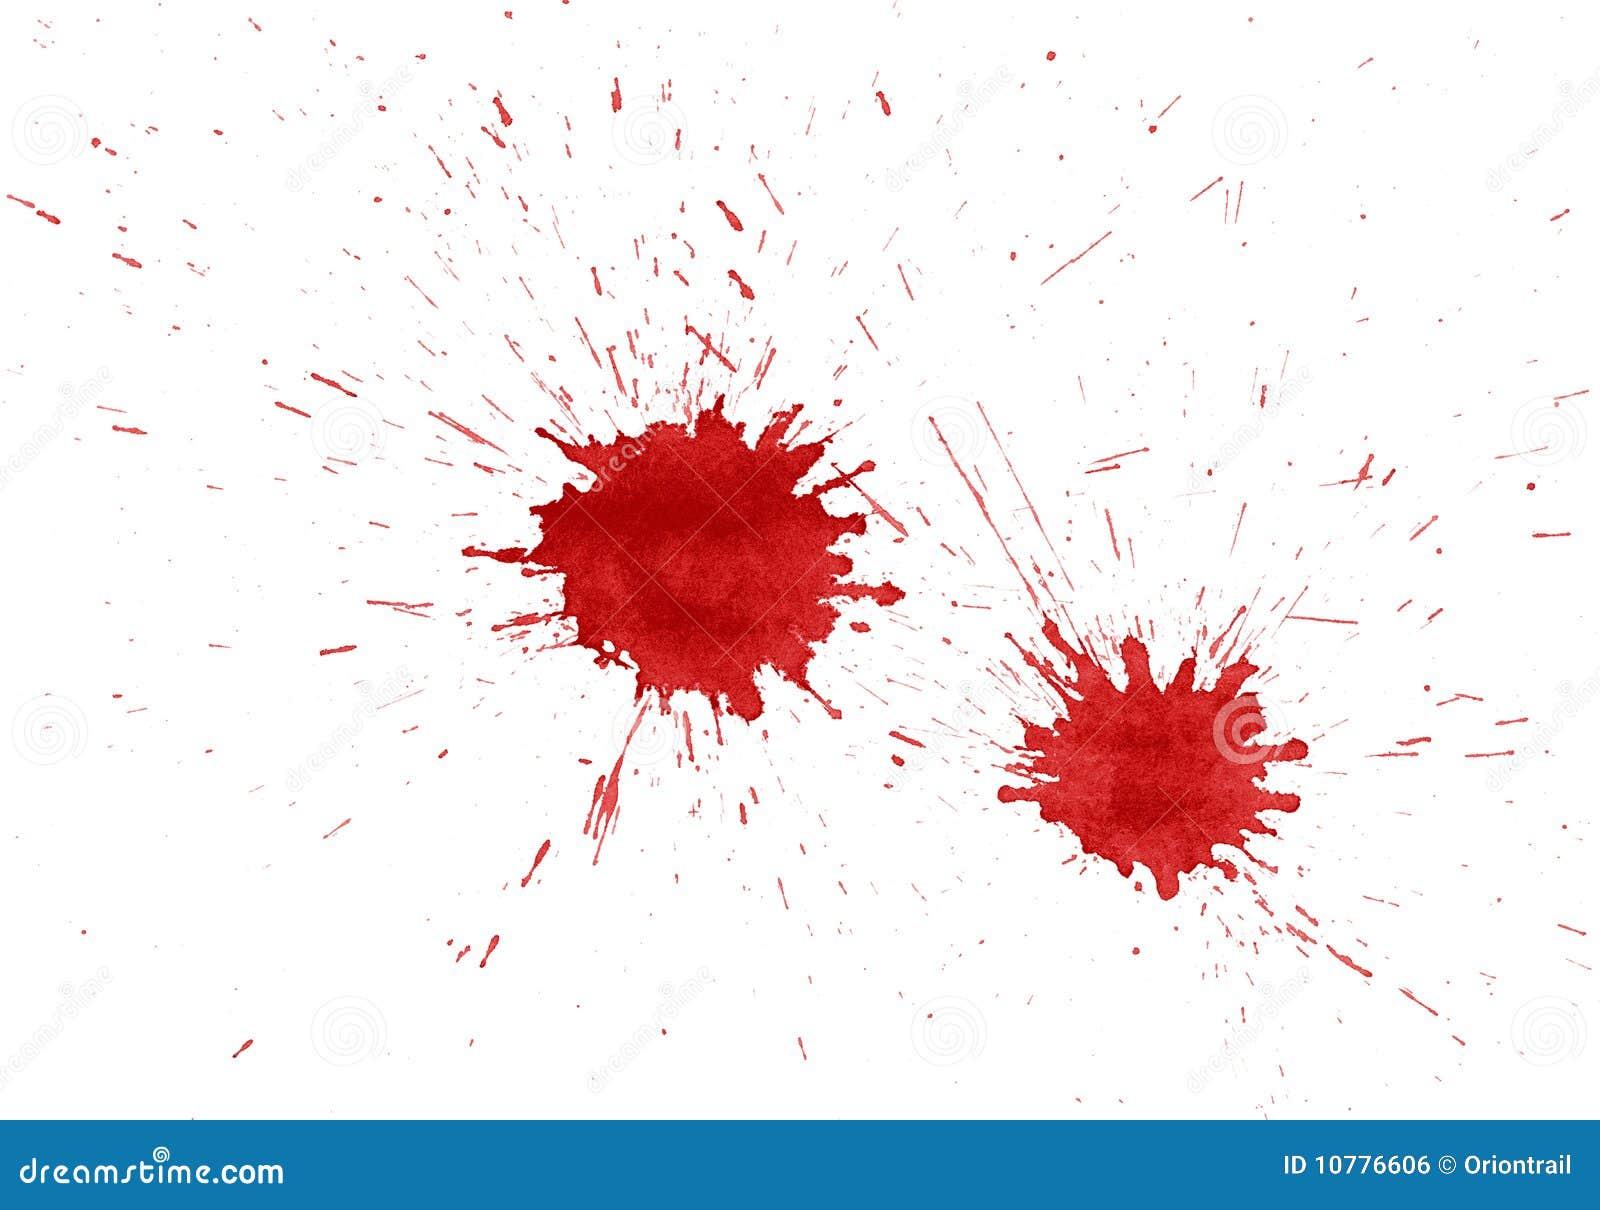 Bloedvlekken